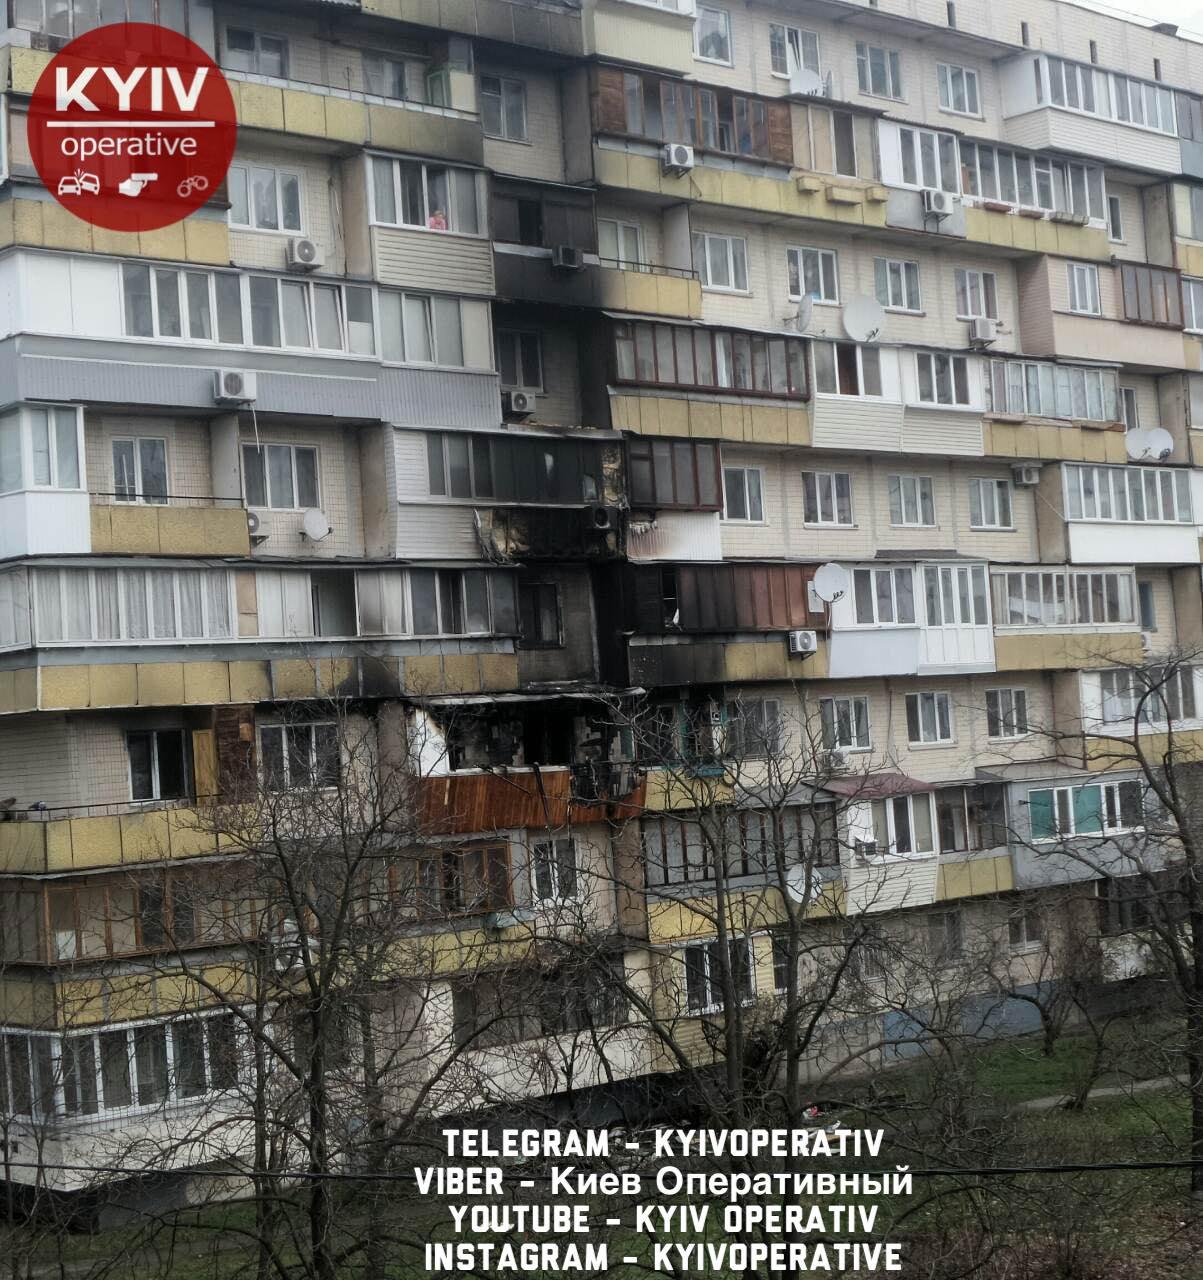 Недопалок у відкрите вікно: у Києві згоріла квартира (відео) - страхування, пожежа будинку, загоряння - 143350554 1189061201489964 9107564666876945063 o